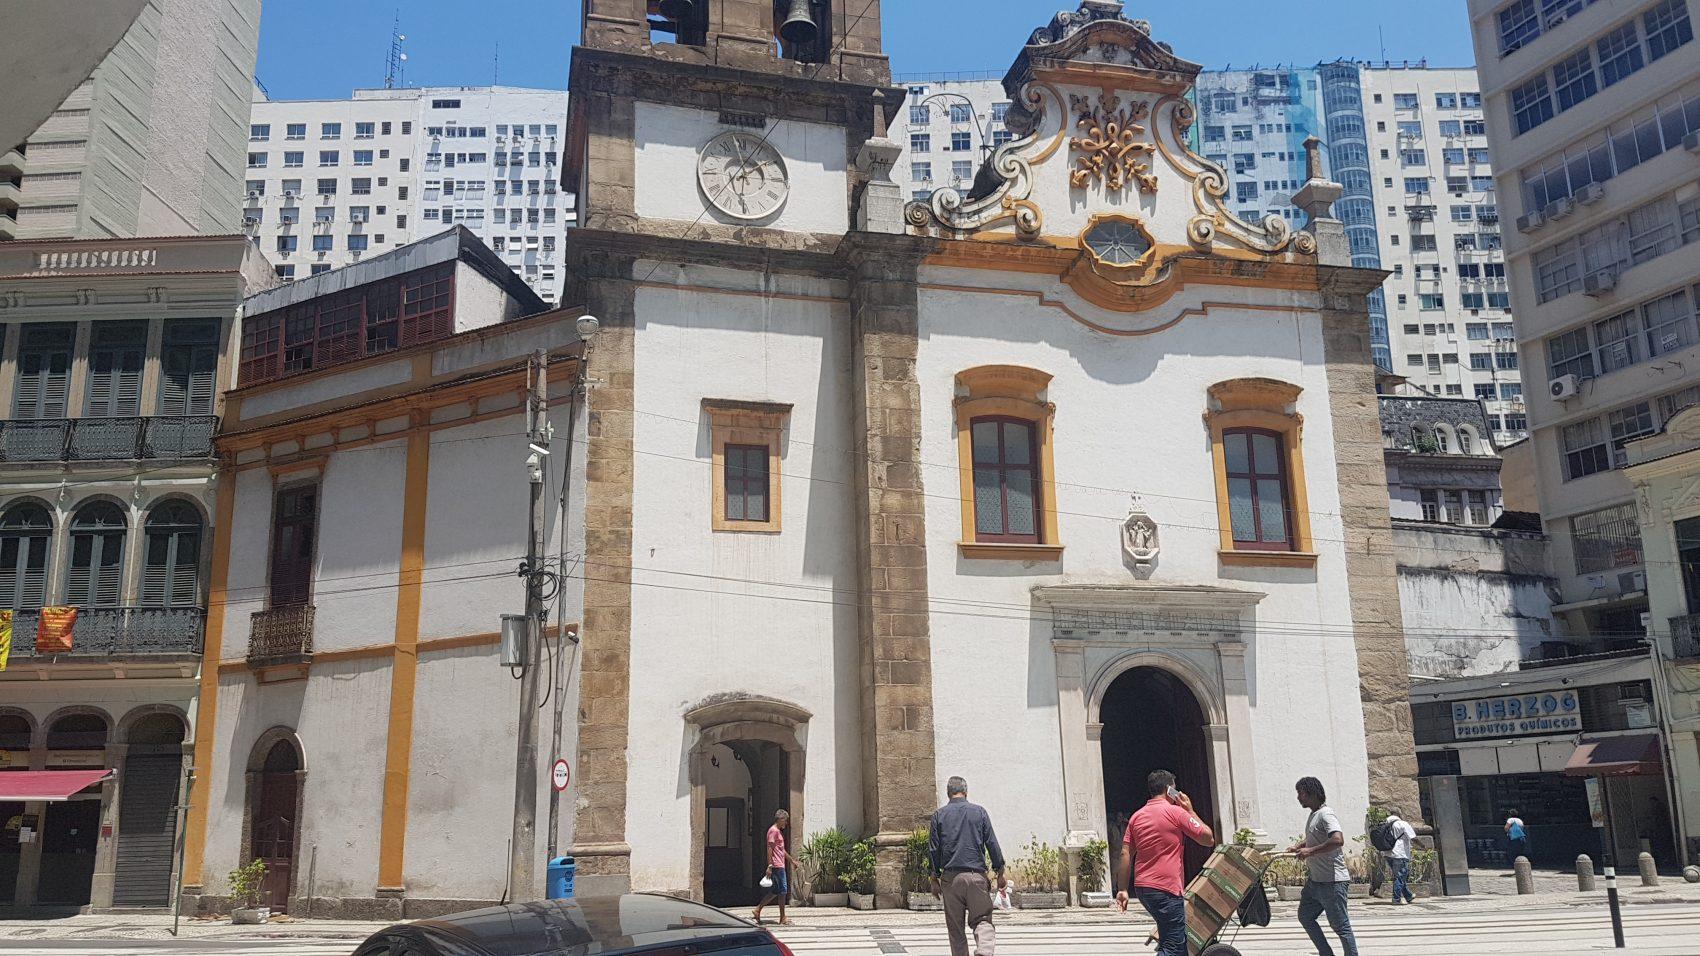 Igreja de Santa Rita, de meados do século XVIII: estilo barroco da edificação mais antiga da avenida (Foto: Oscar Valporto)